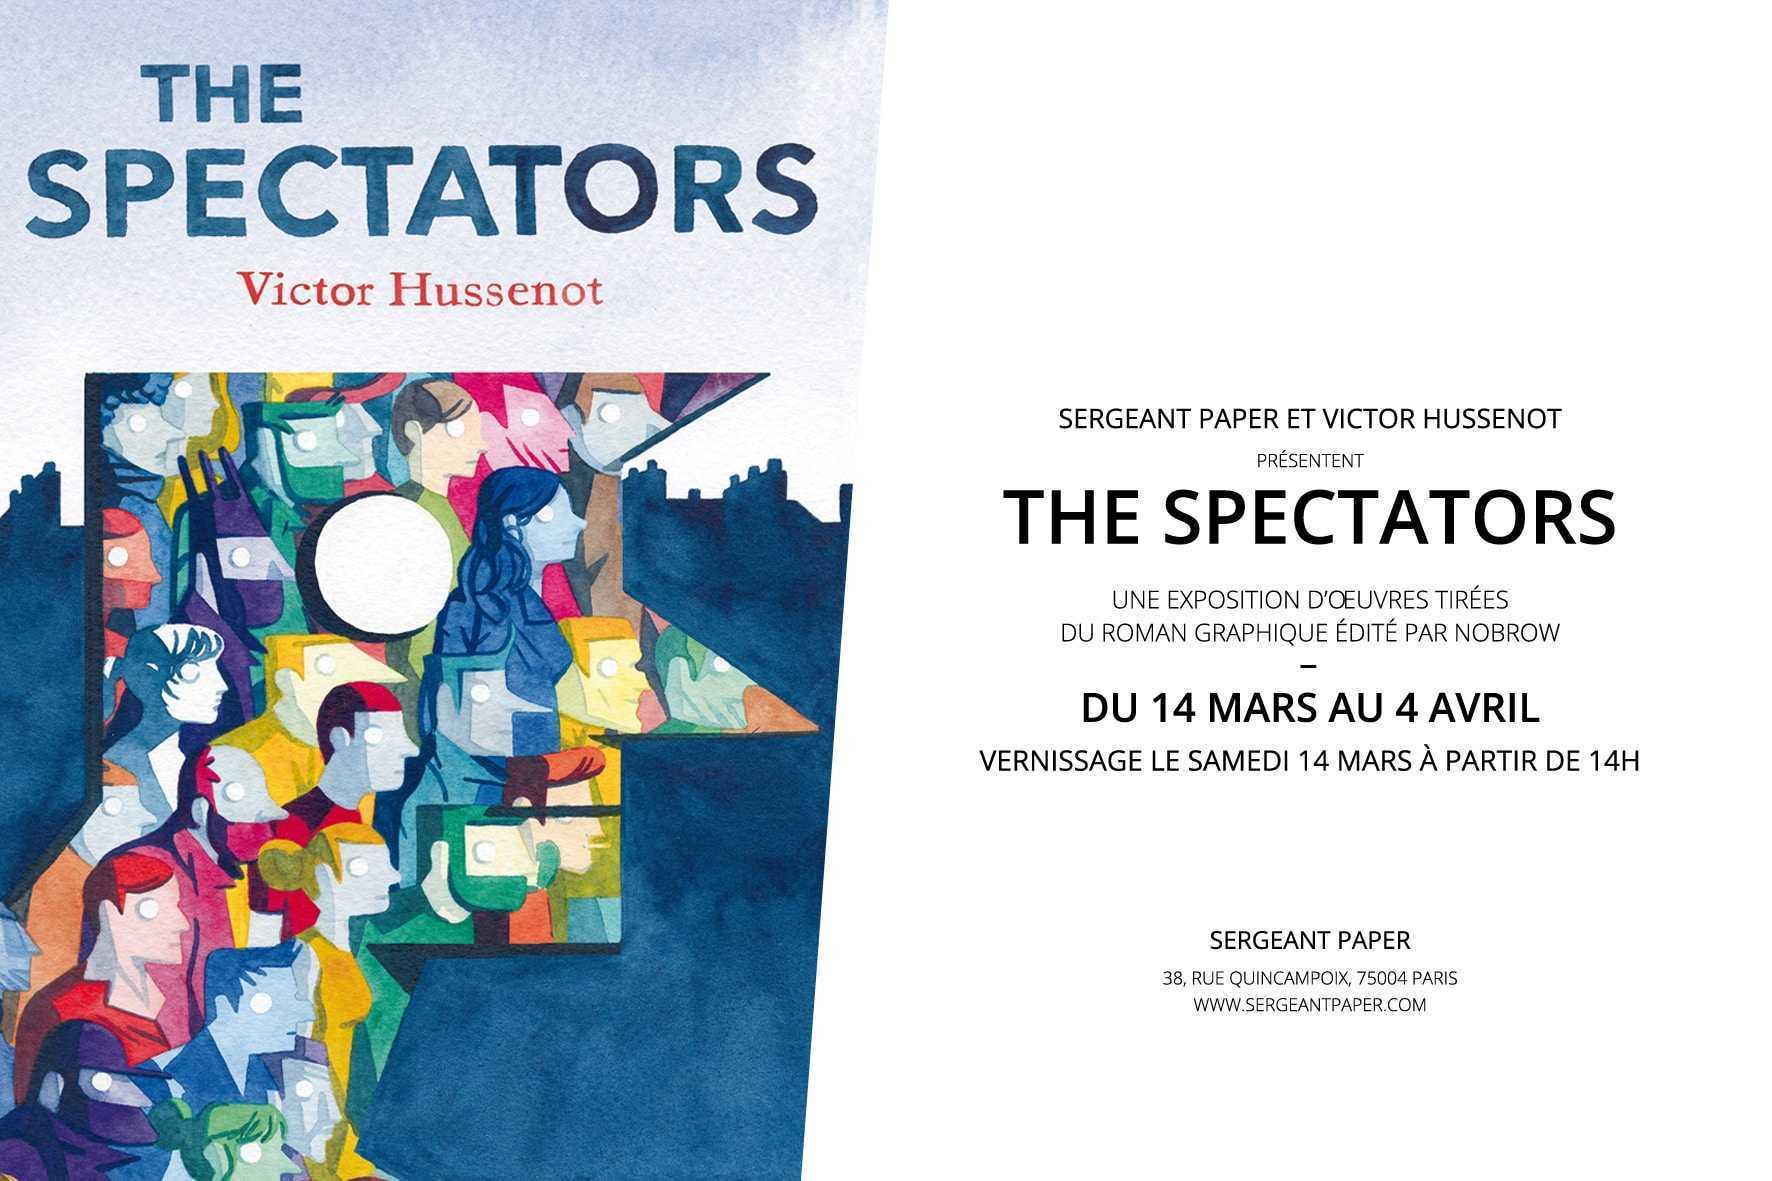 The Spectators, une exposition pour découvrir chez Sergeant Paper à Paris le talent de Victor Hussenot